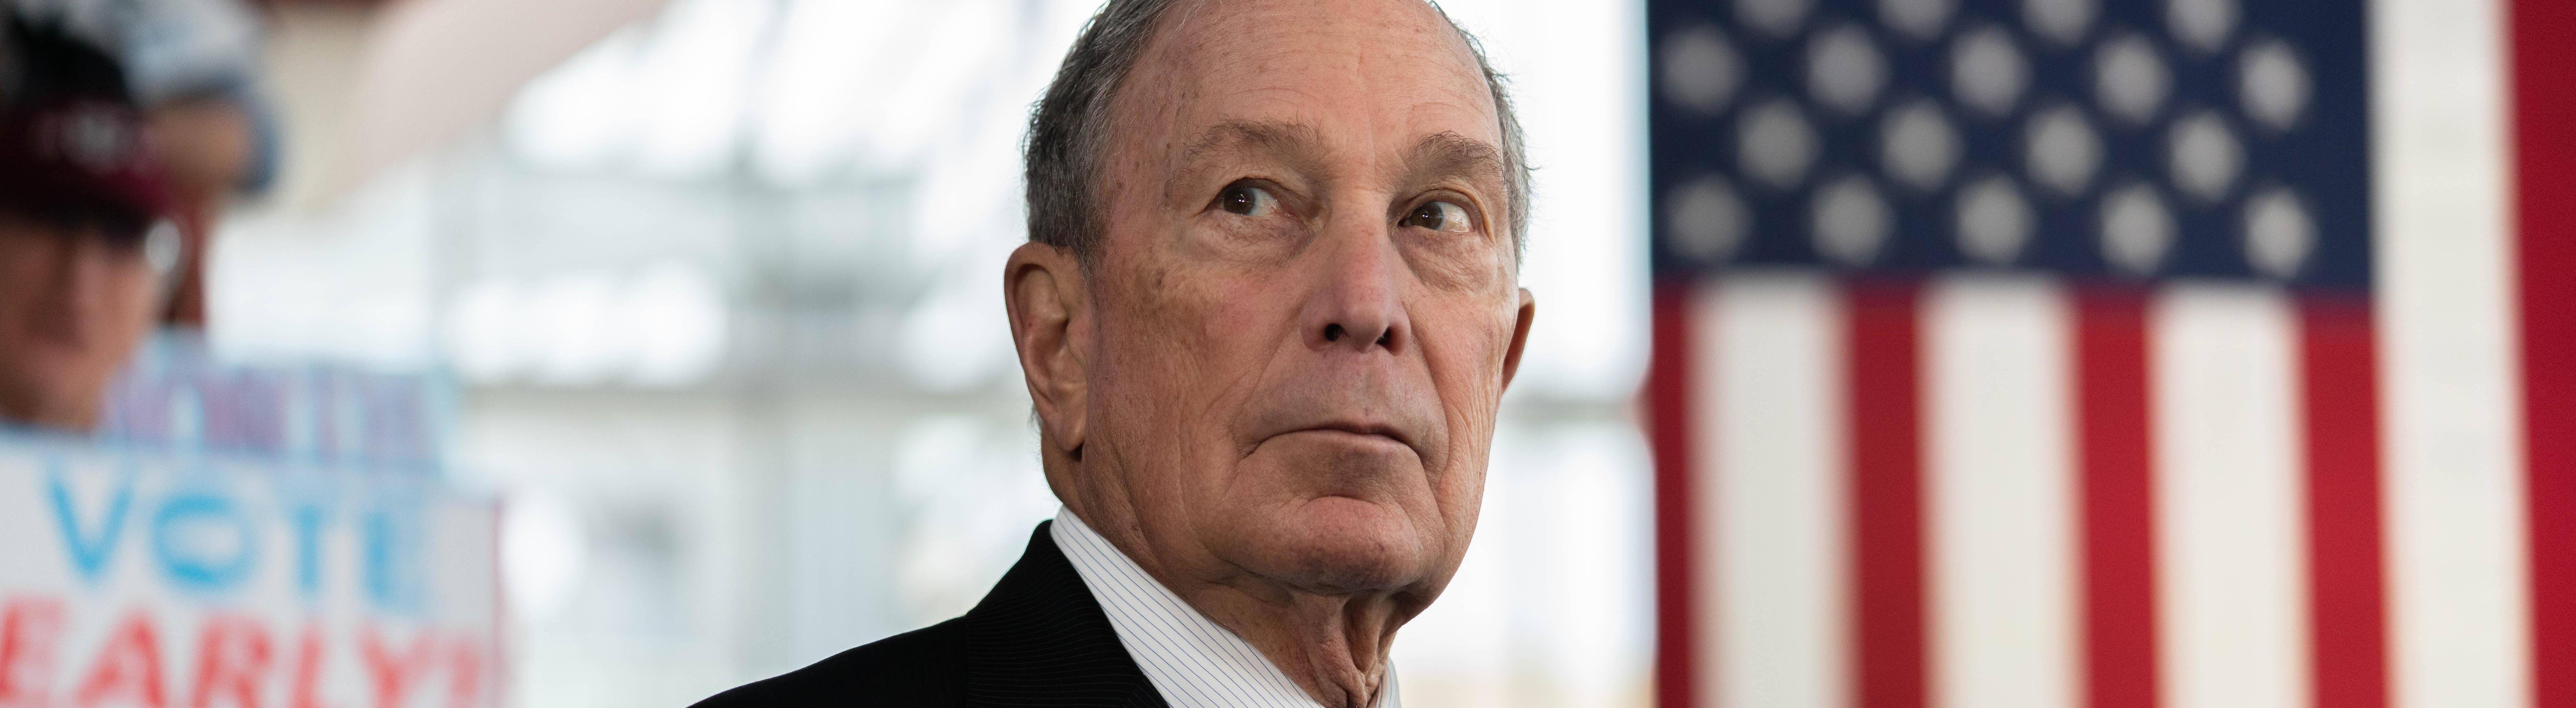 Michael Bloomberg vor der US-amerikanischen Flagge